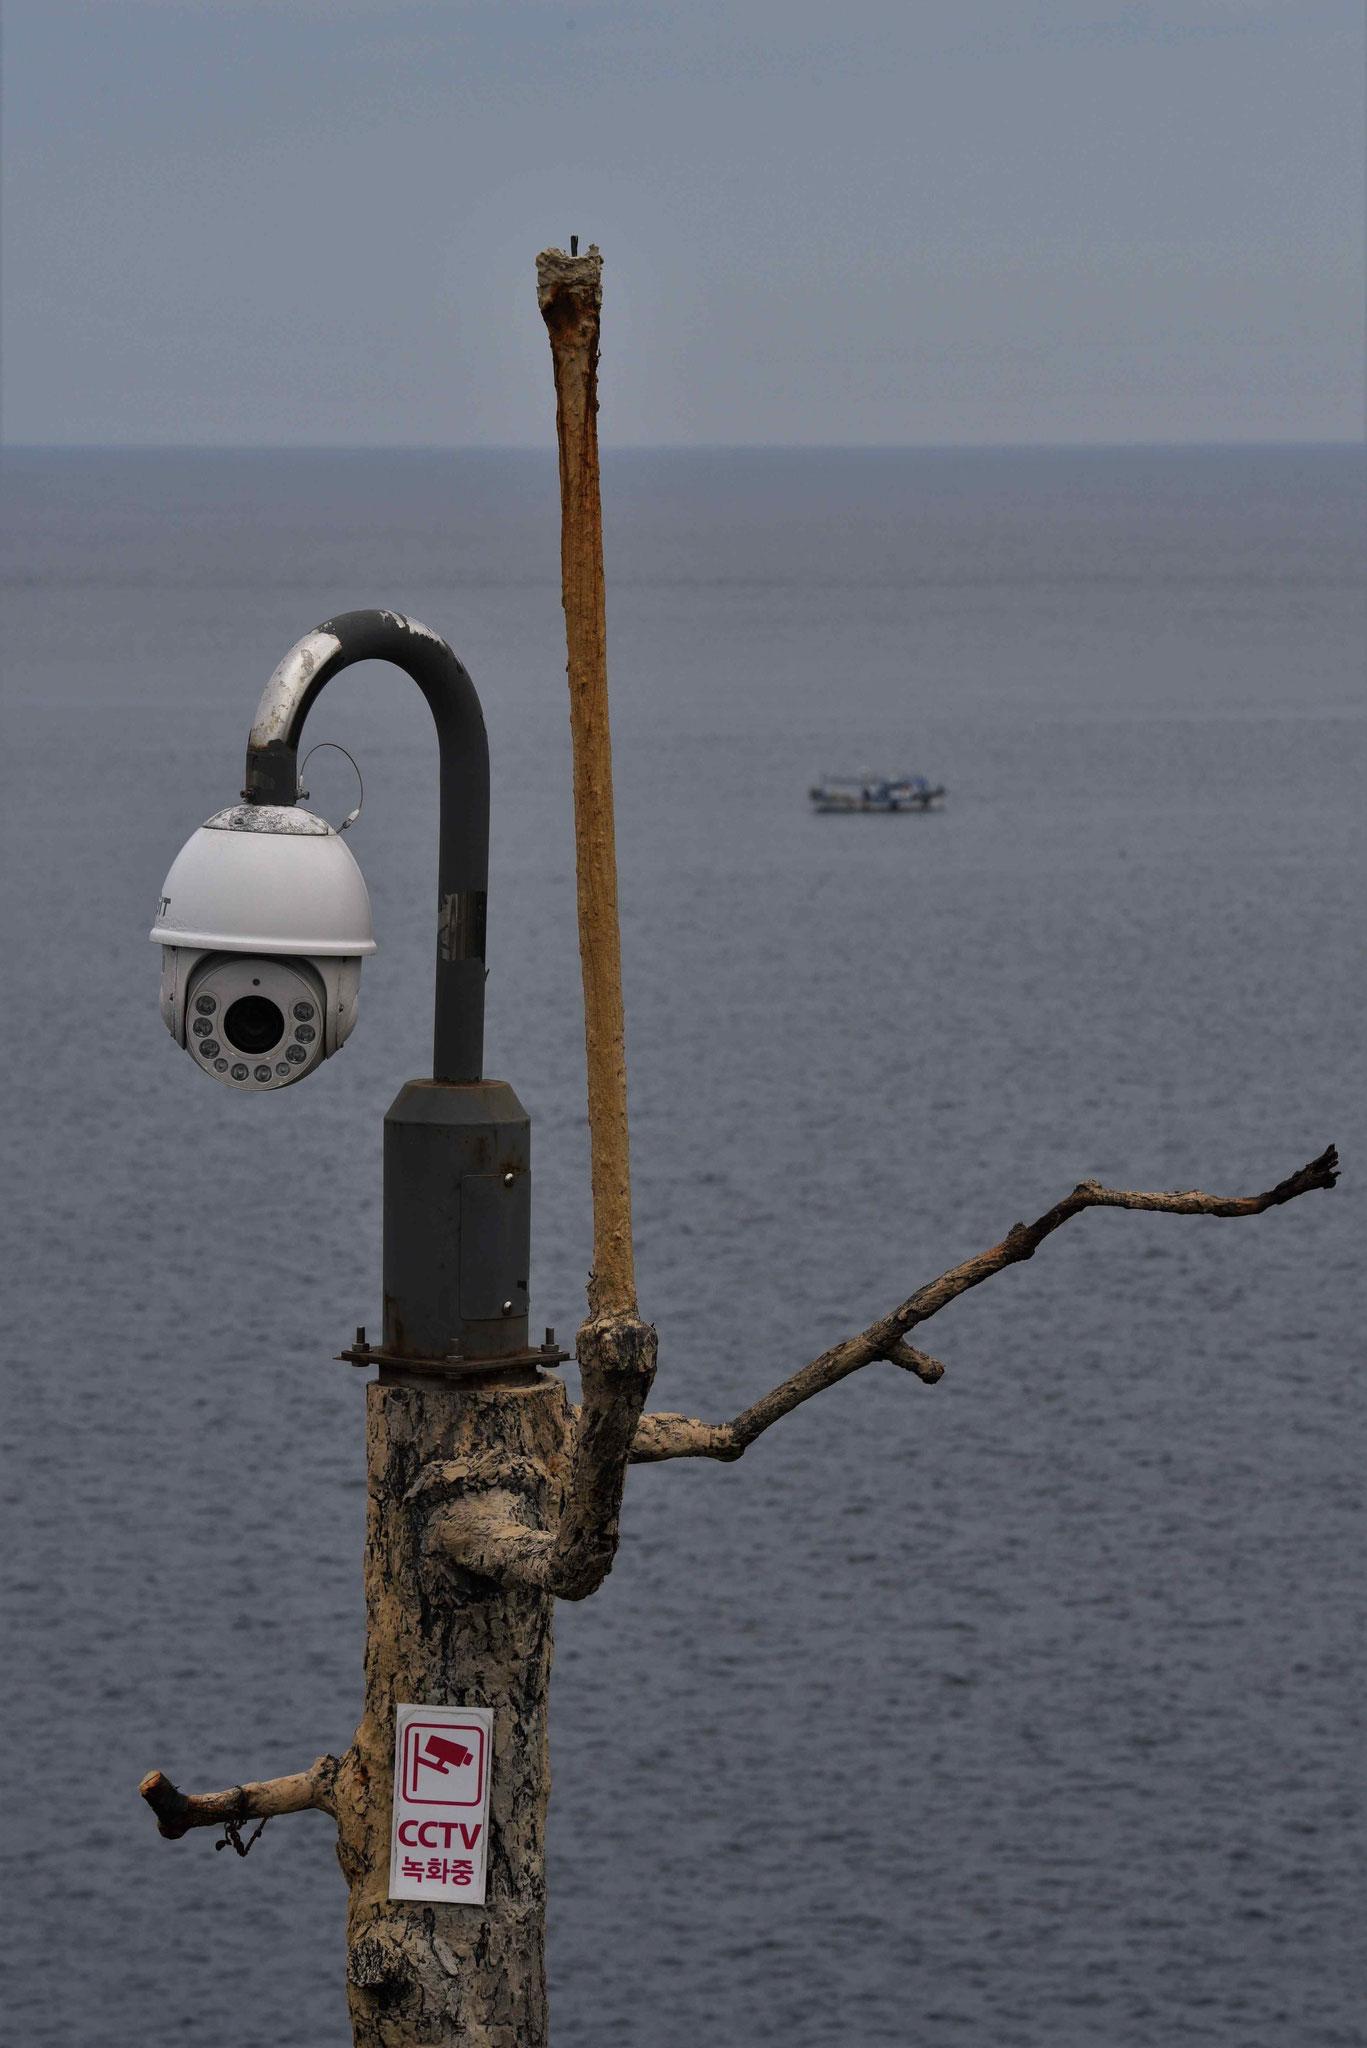 Überwachungskamera auf einer Baumimitation